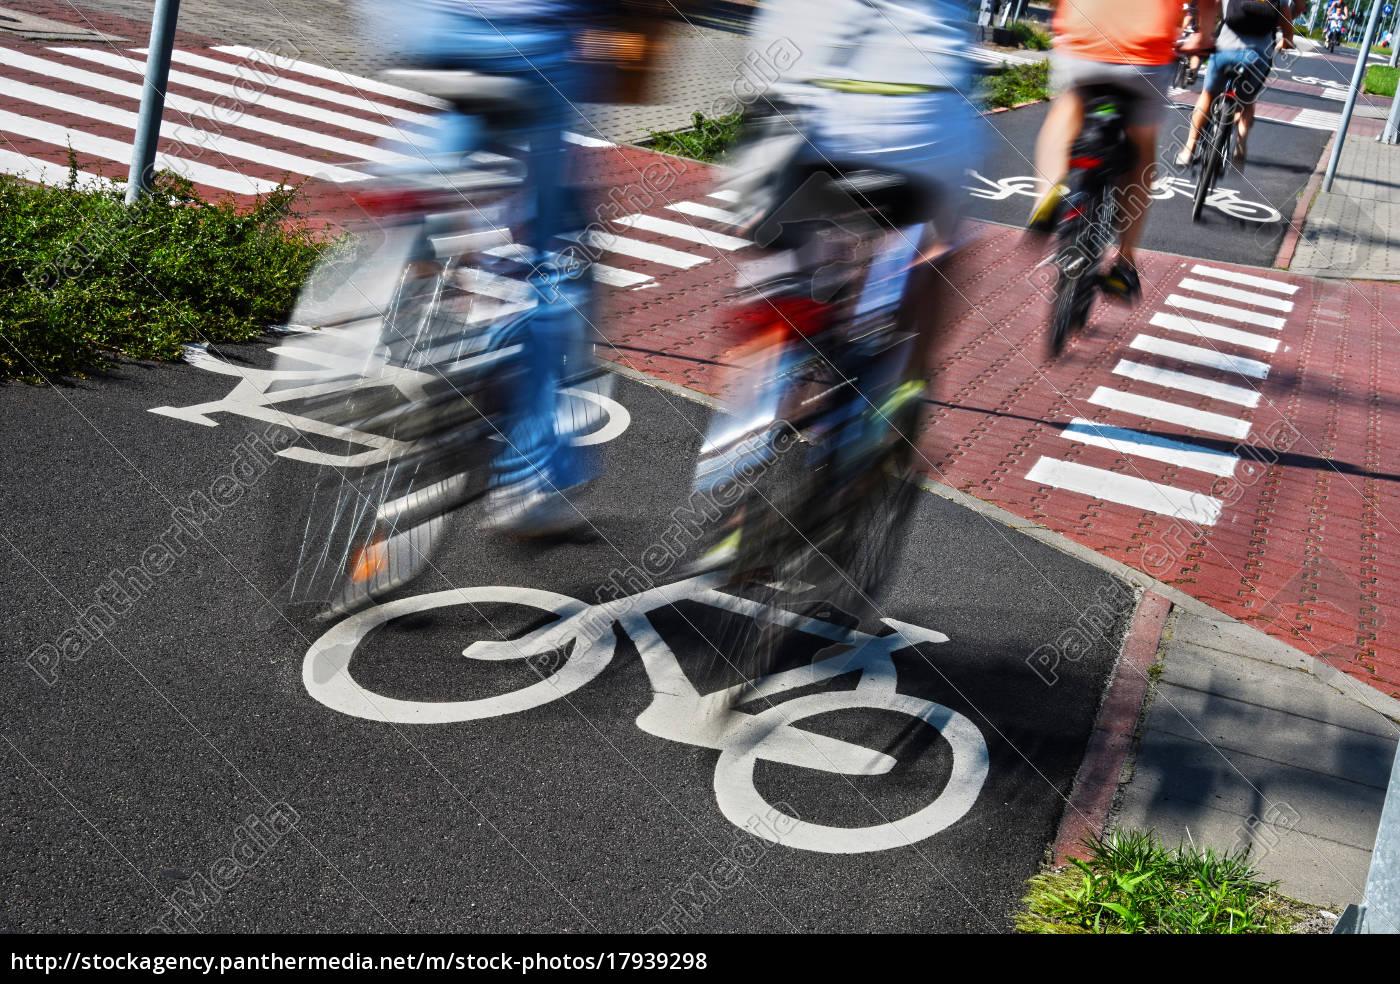 znak, drogowy, rowerów, i, rowerów, jeźdźców - 17939298